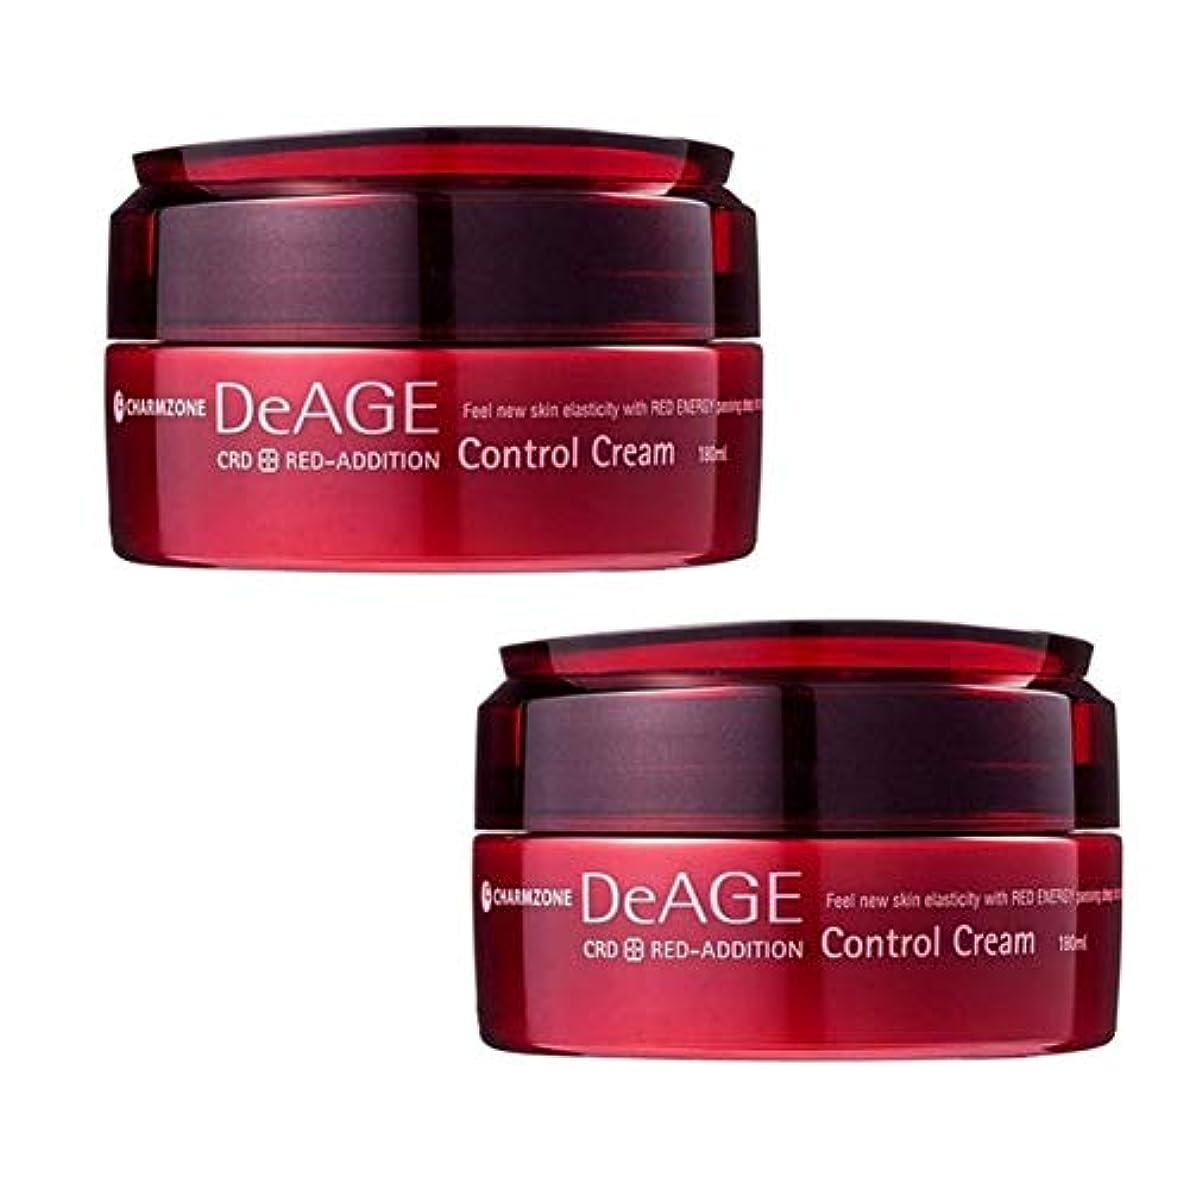 バー管理する赤面チャムジョンディエイジレッドエディションコントロールクリーム180ml x 2本セットマッサージクリーム、Charmzone DeAGE Red-Addition Control Cream 180ml x 2ea Set...